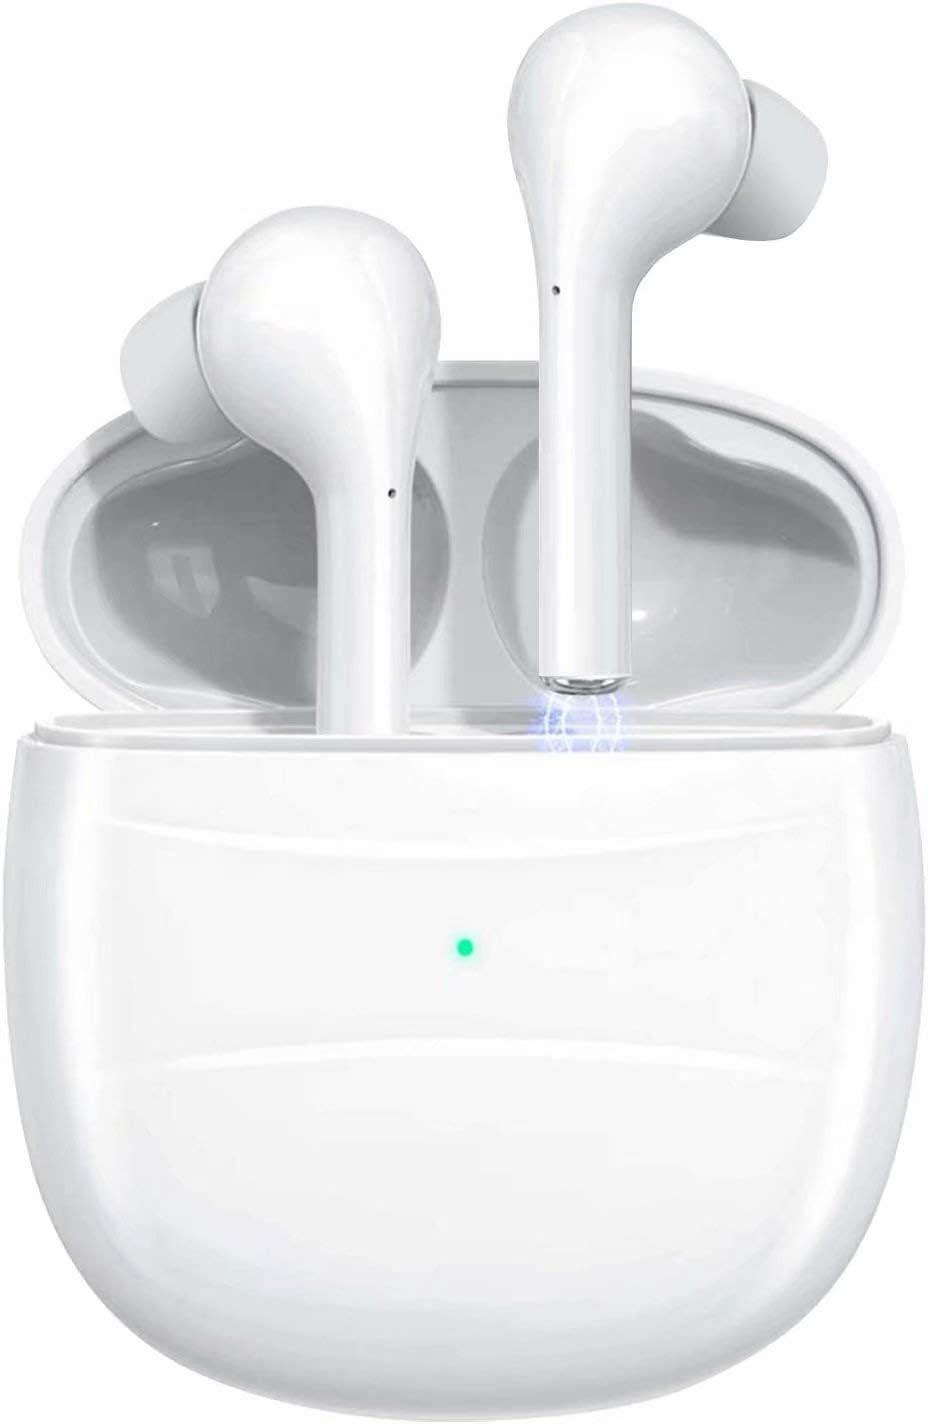 Bluetooth Kopfhörer Aoslen Kabellos Kopfhörer In Ear Elektronik